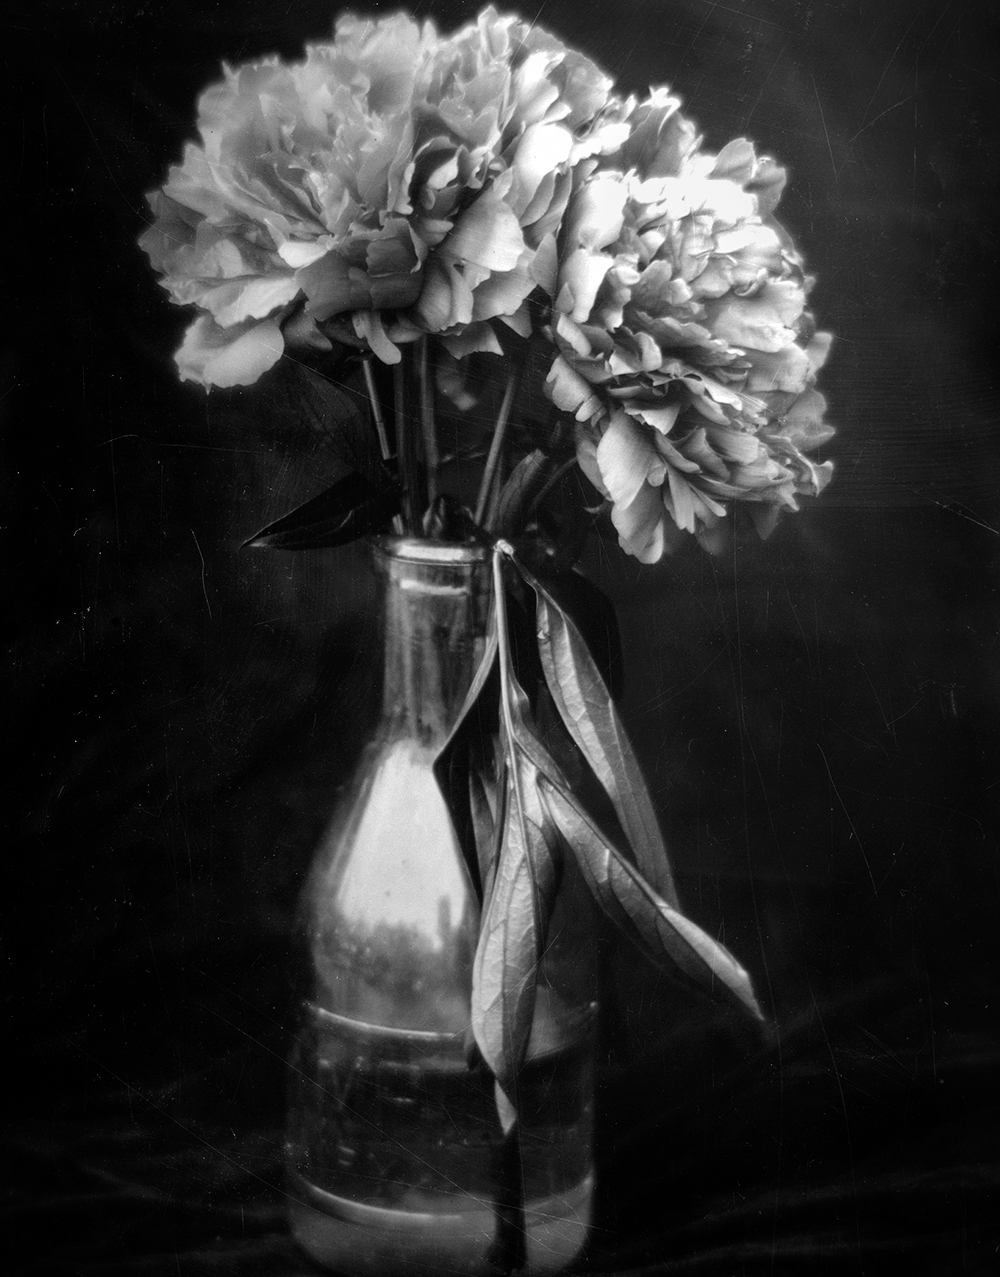 007_Flowers in Vase_16x20_Silver Gelatin Print_2013.jpg